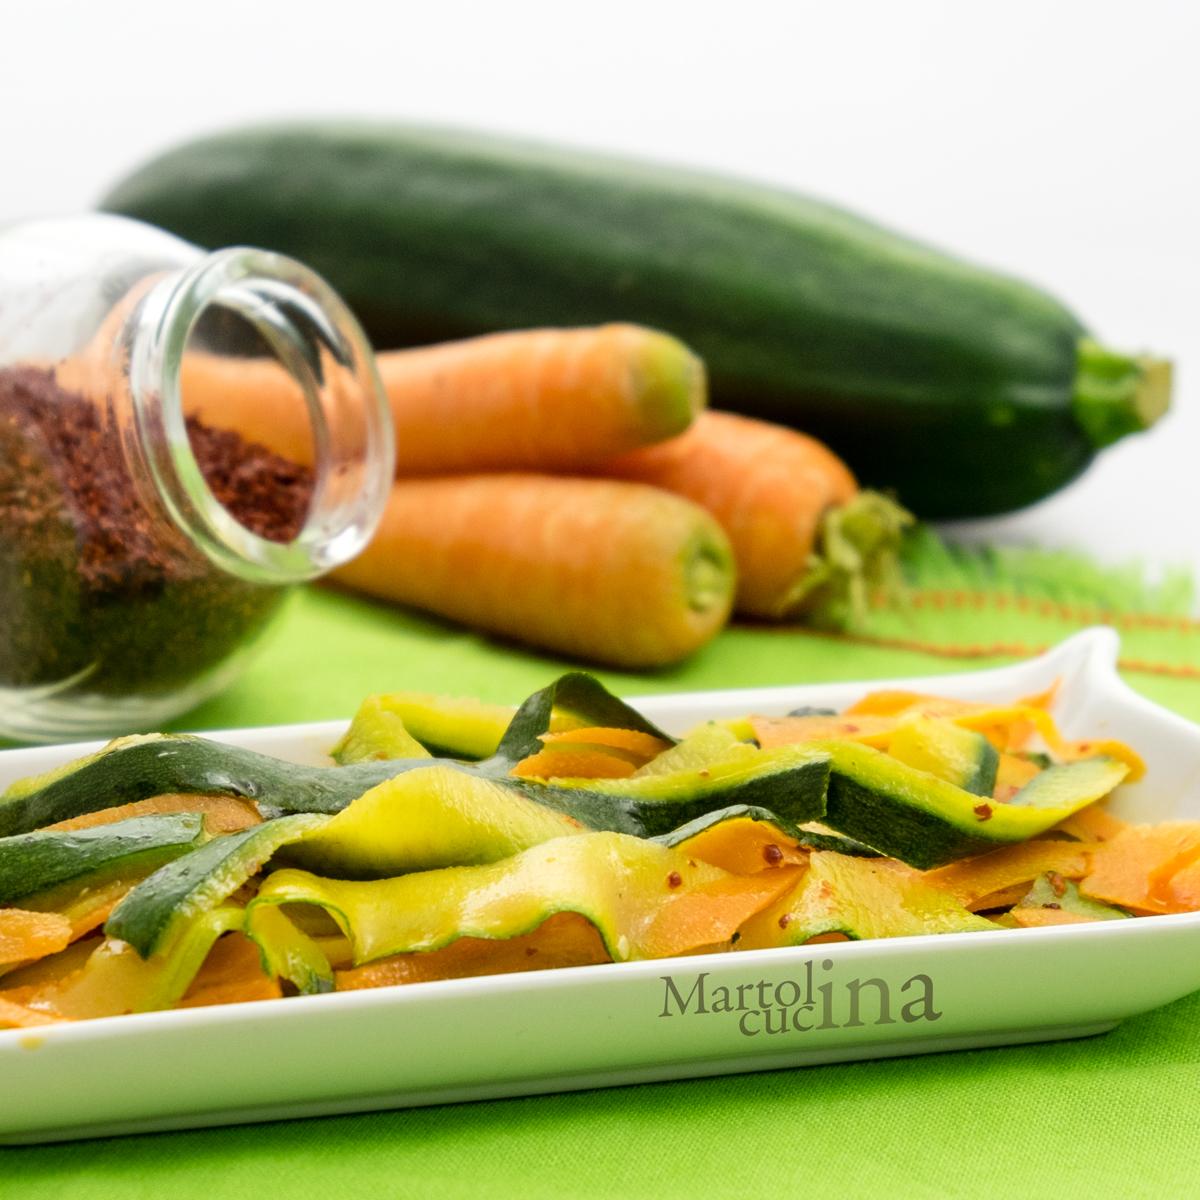 Nastri di zucchine e carote in salsa piccante